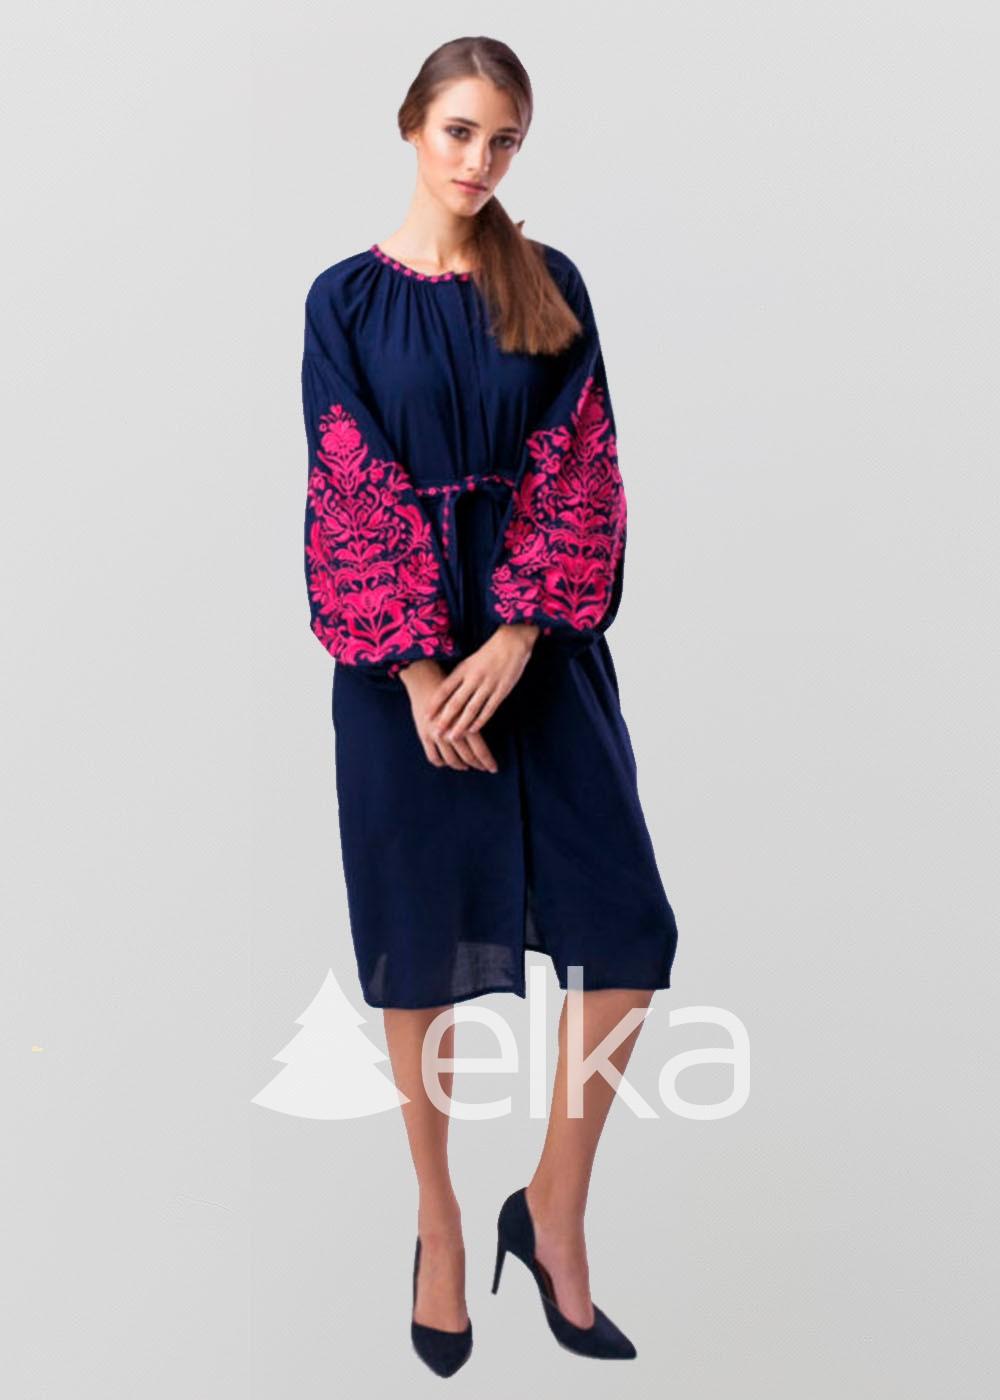 Платье вышиванка Дерево жизни синее